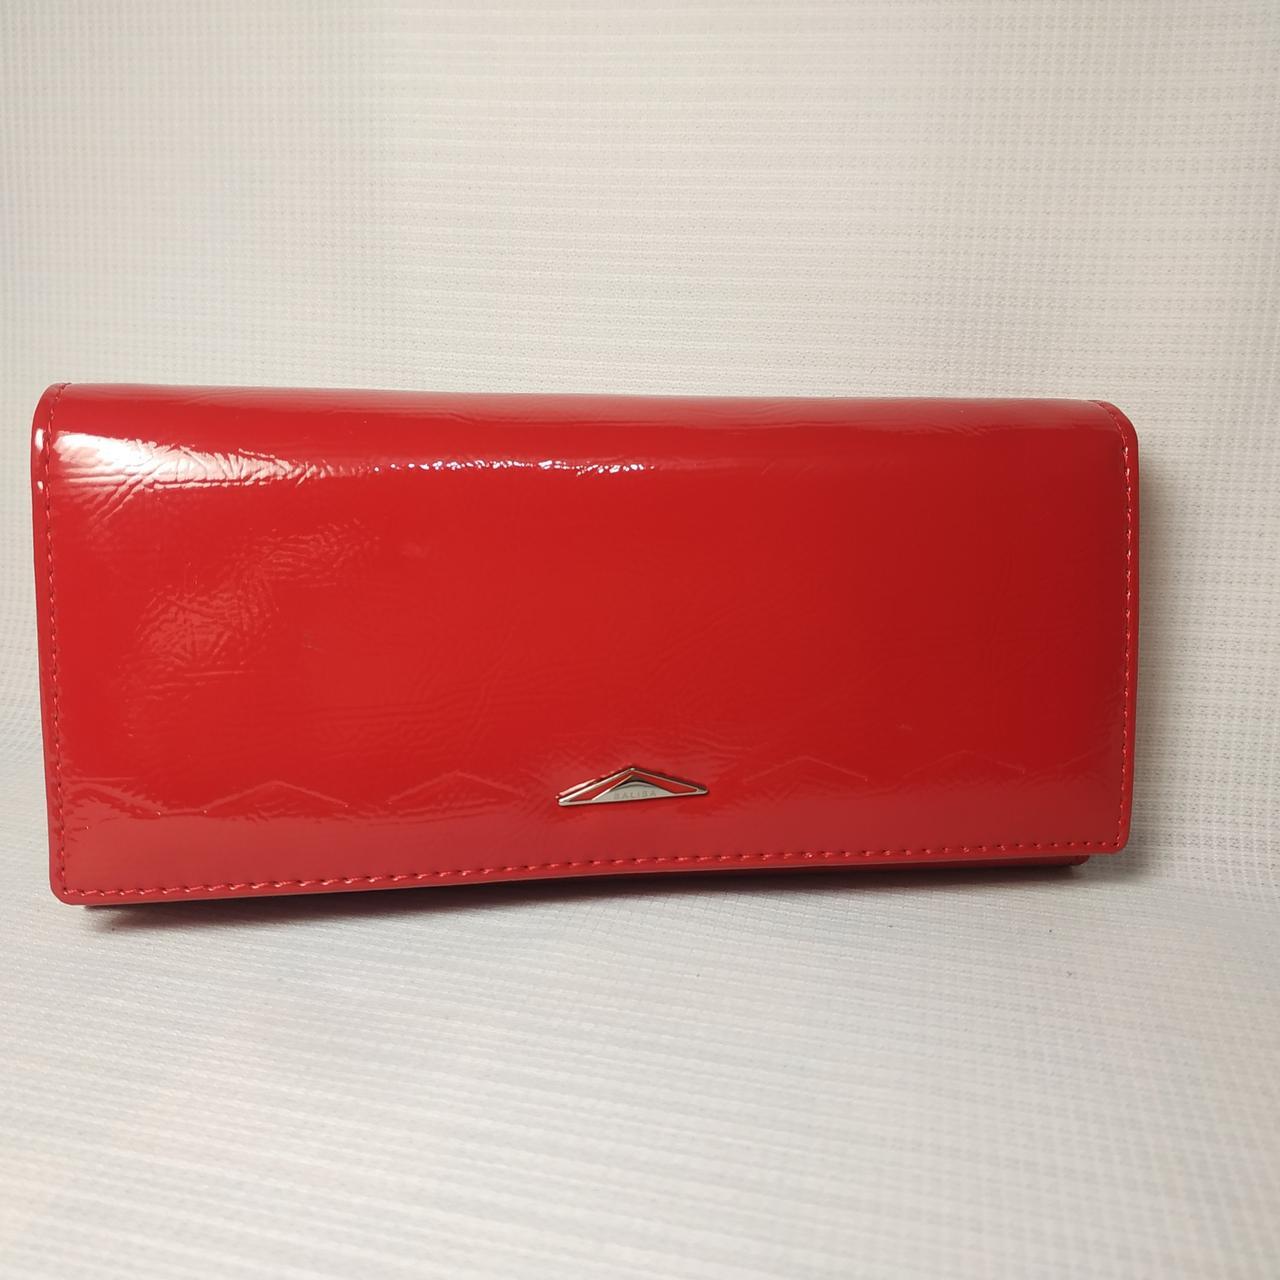 Классический женский кошелек клатч из качественной PU кожи C8806-045